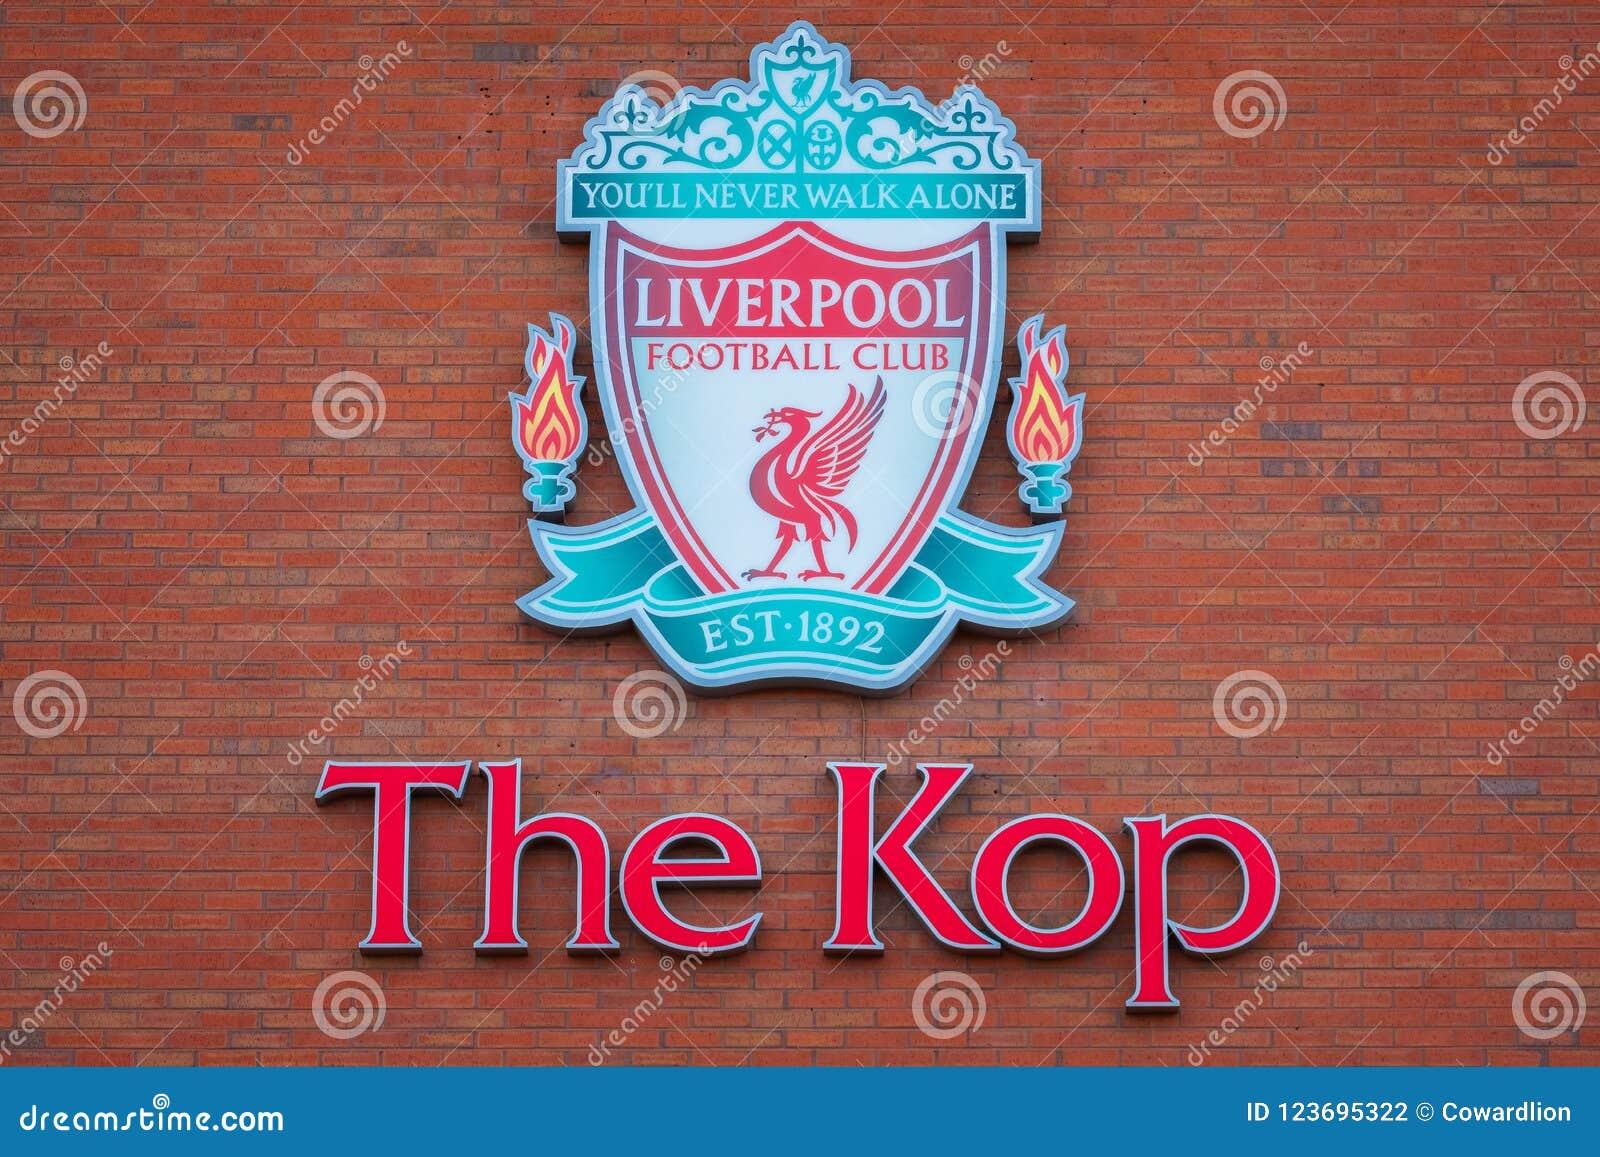 Anfield-Stadion, die Heimspielstätte des Liverpool-Fußballvereins in Großbritannien